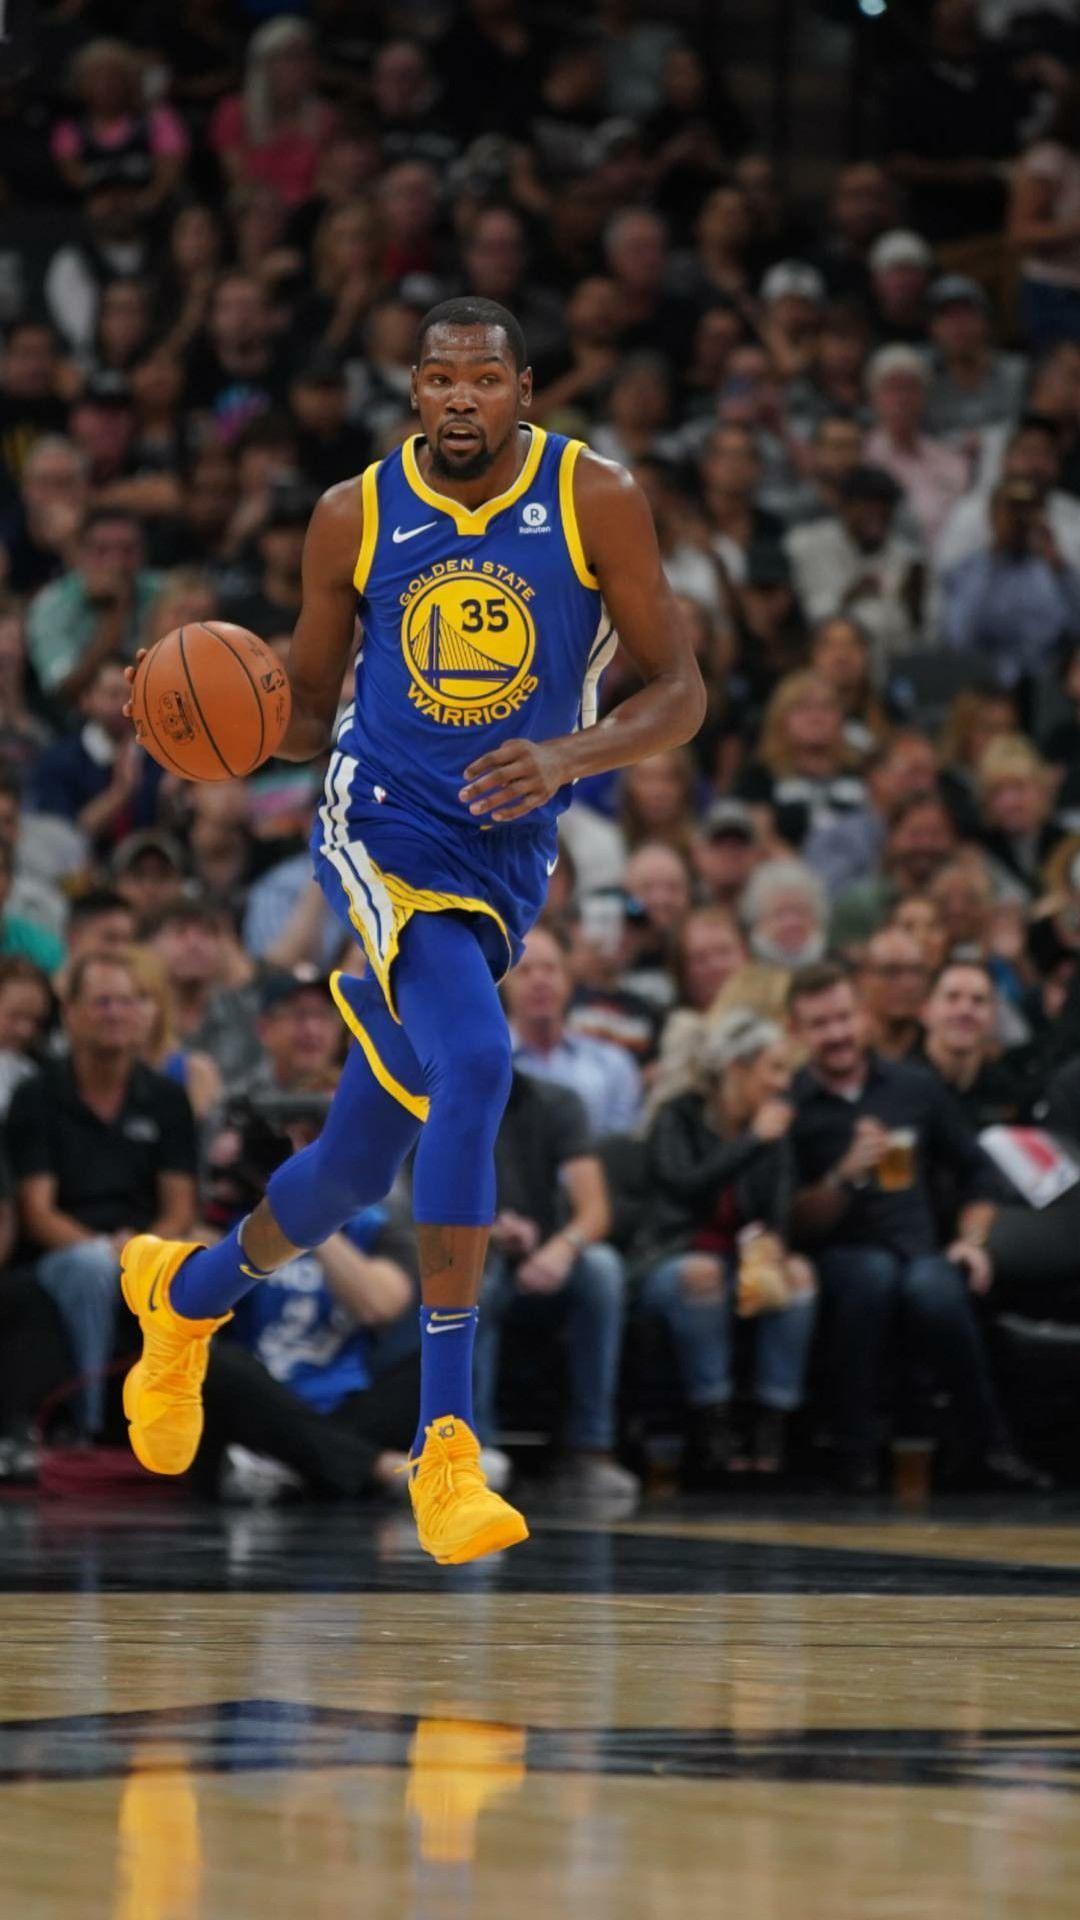 Kevin Durant Wallpaper Basketball Nba